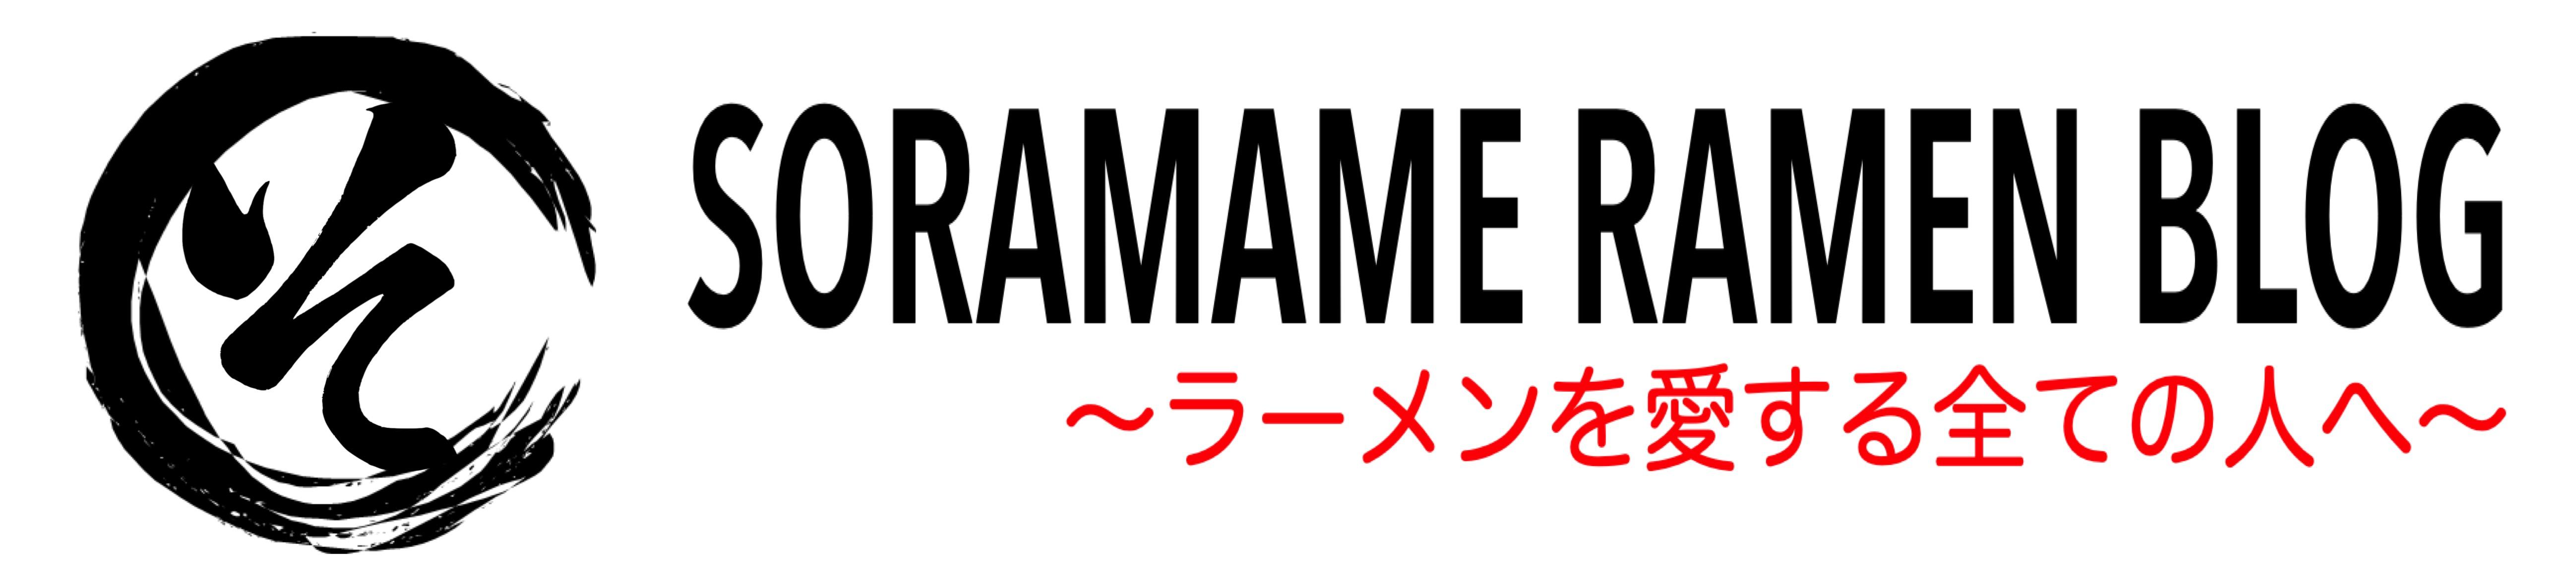 そらまめとか言うへんな名前のラーメン屋の店長のブログ